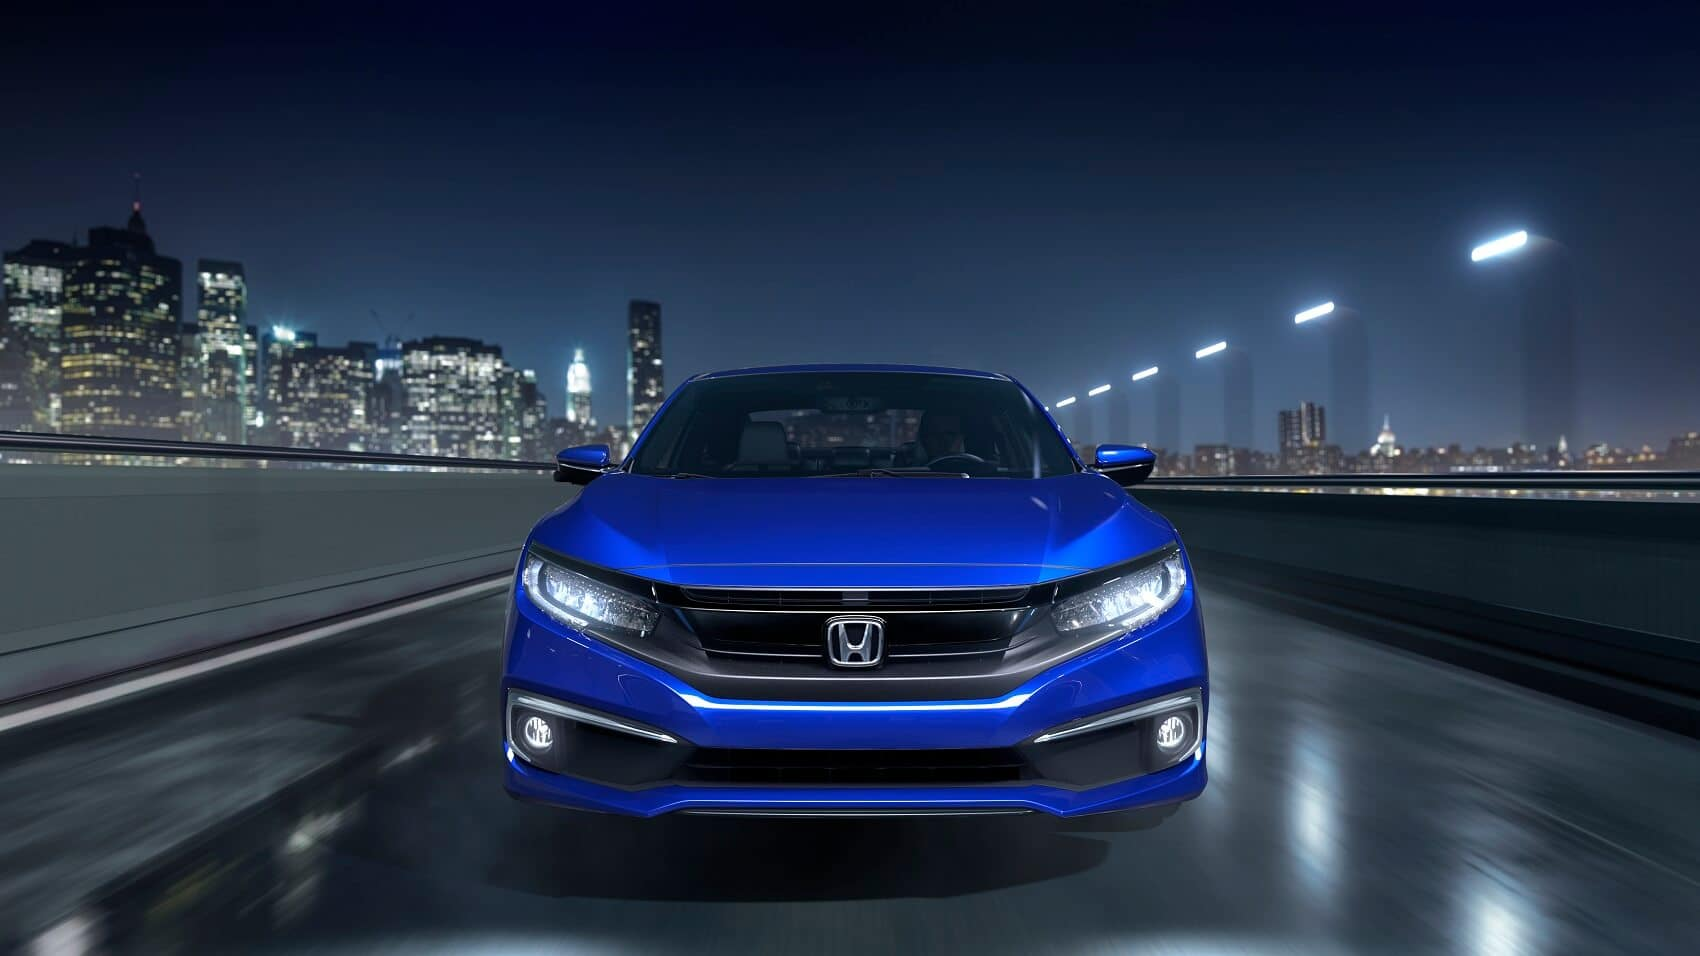 2020 Honda Civic Engine Power